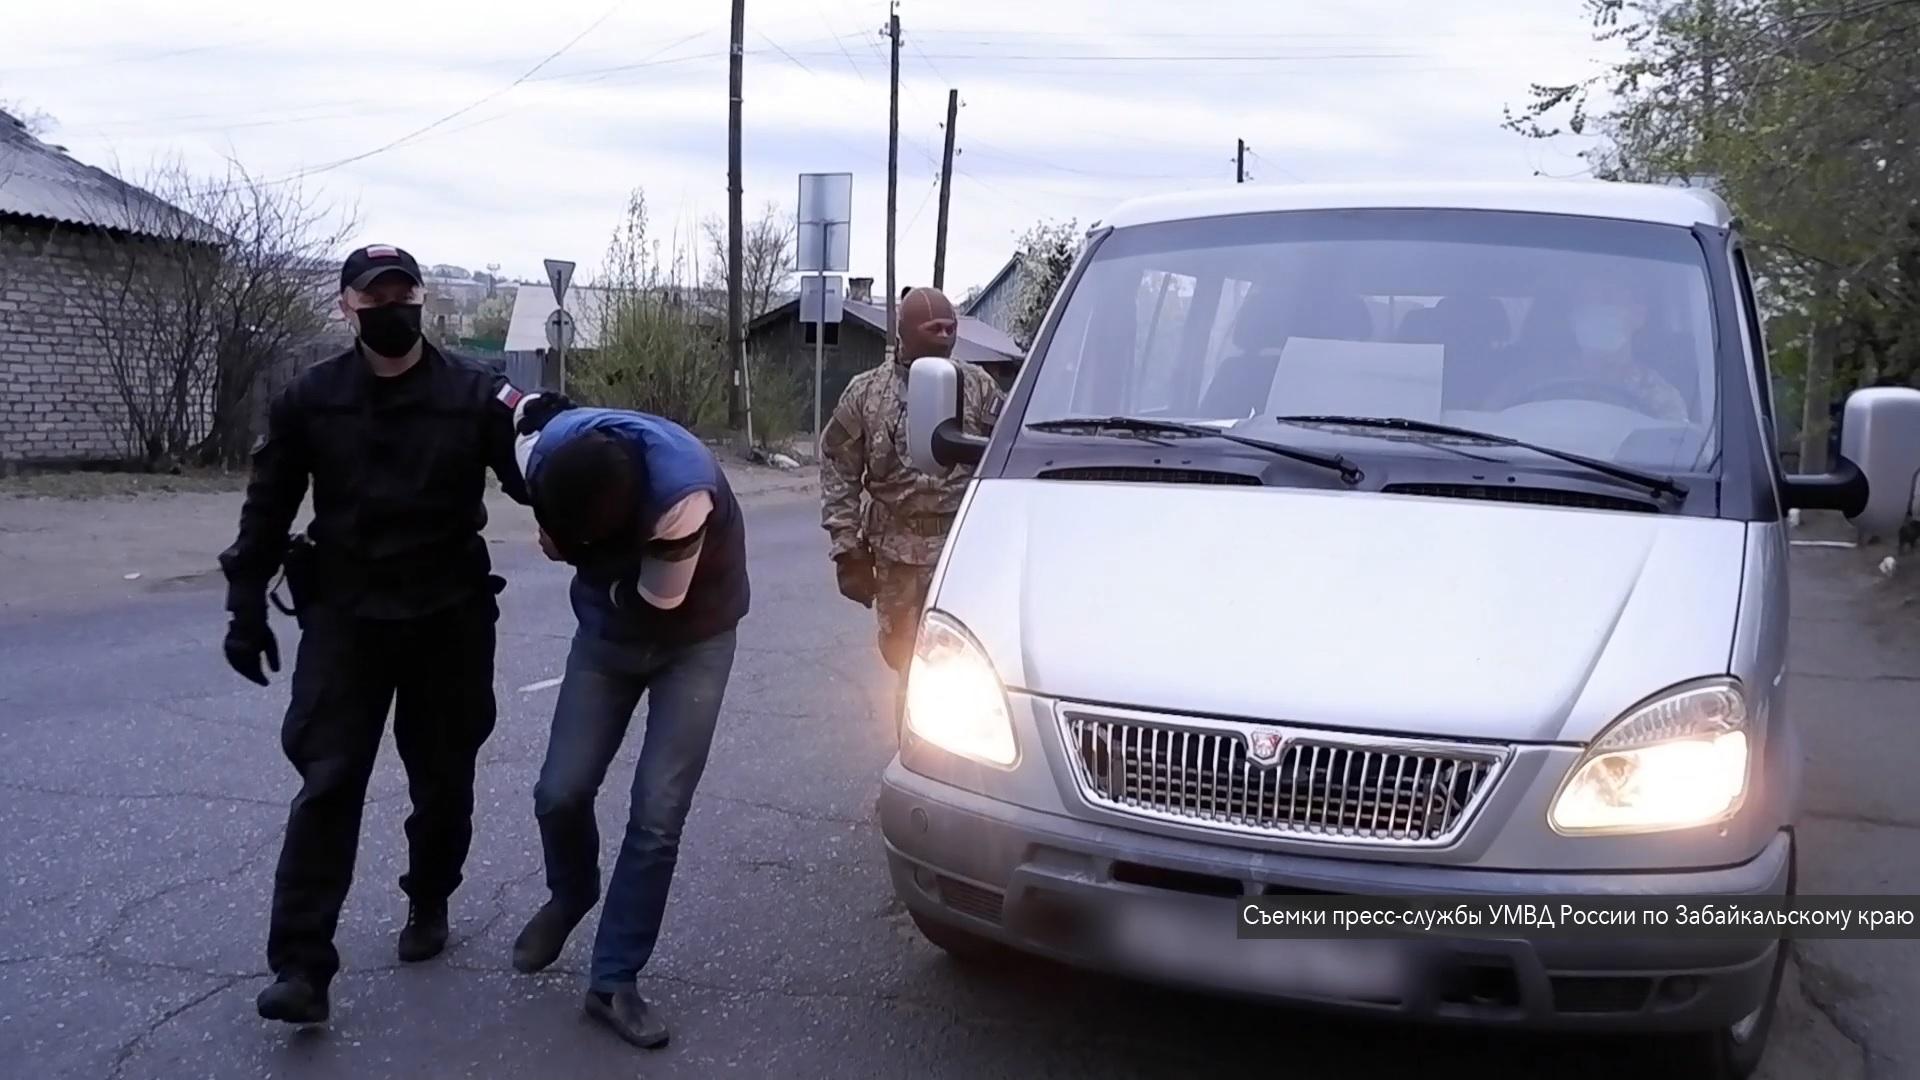 Похищенный двумя читинцами парень оказался 17-летним подростком